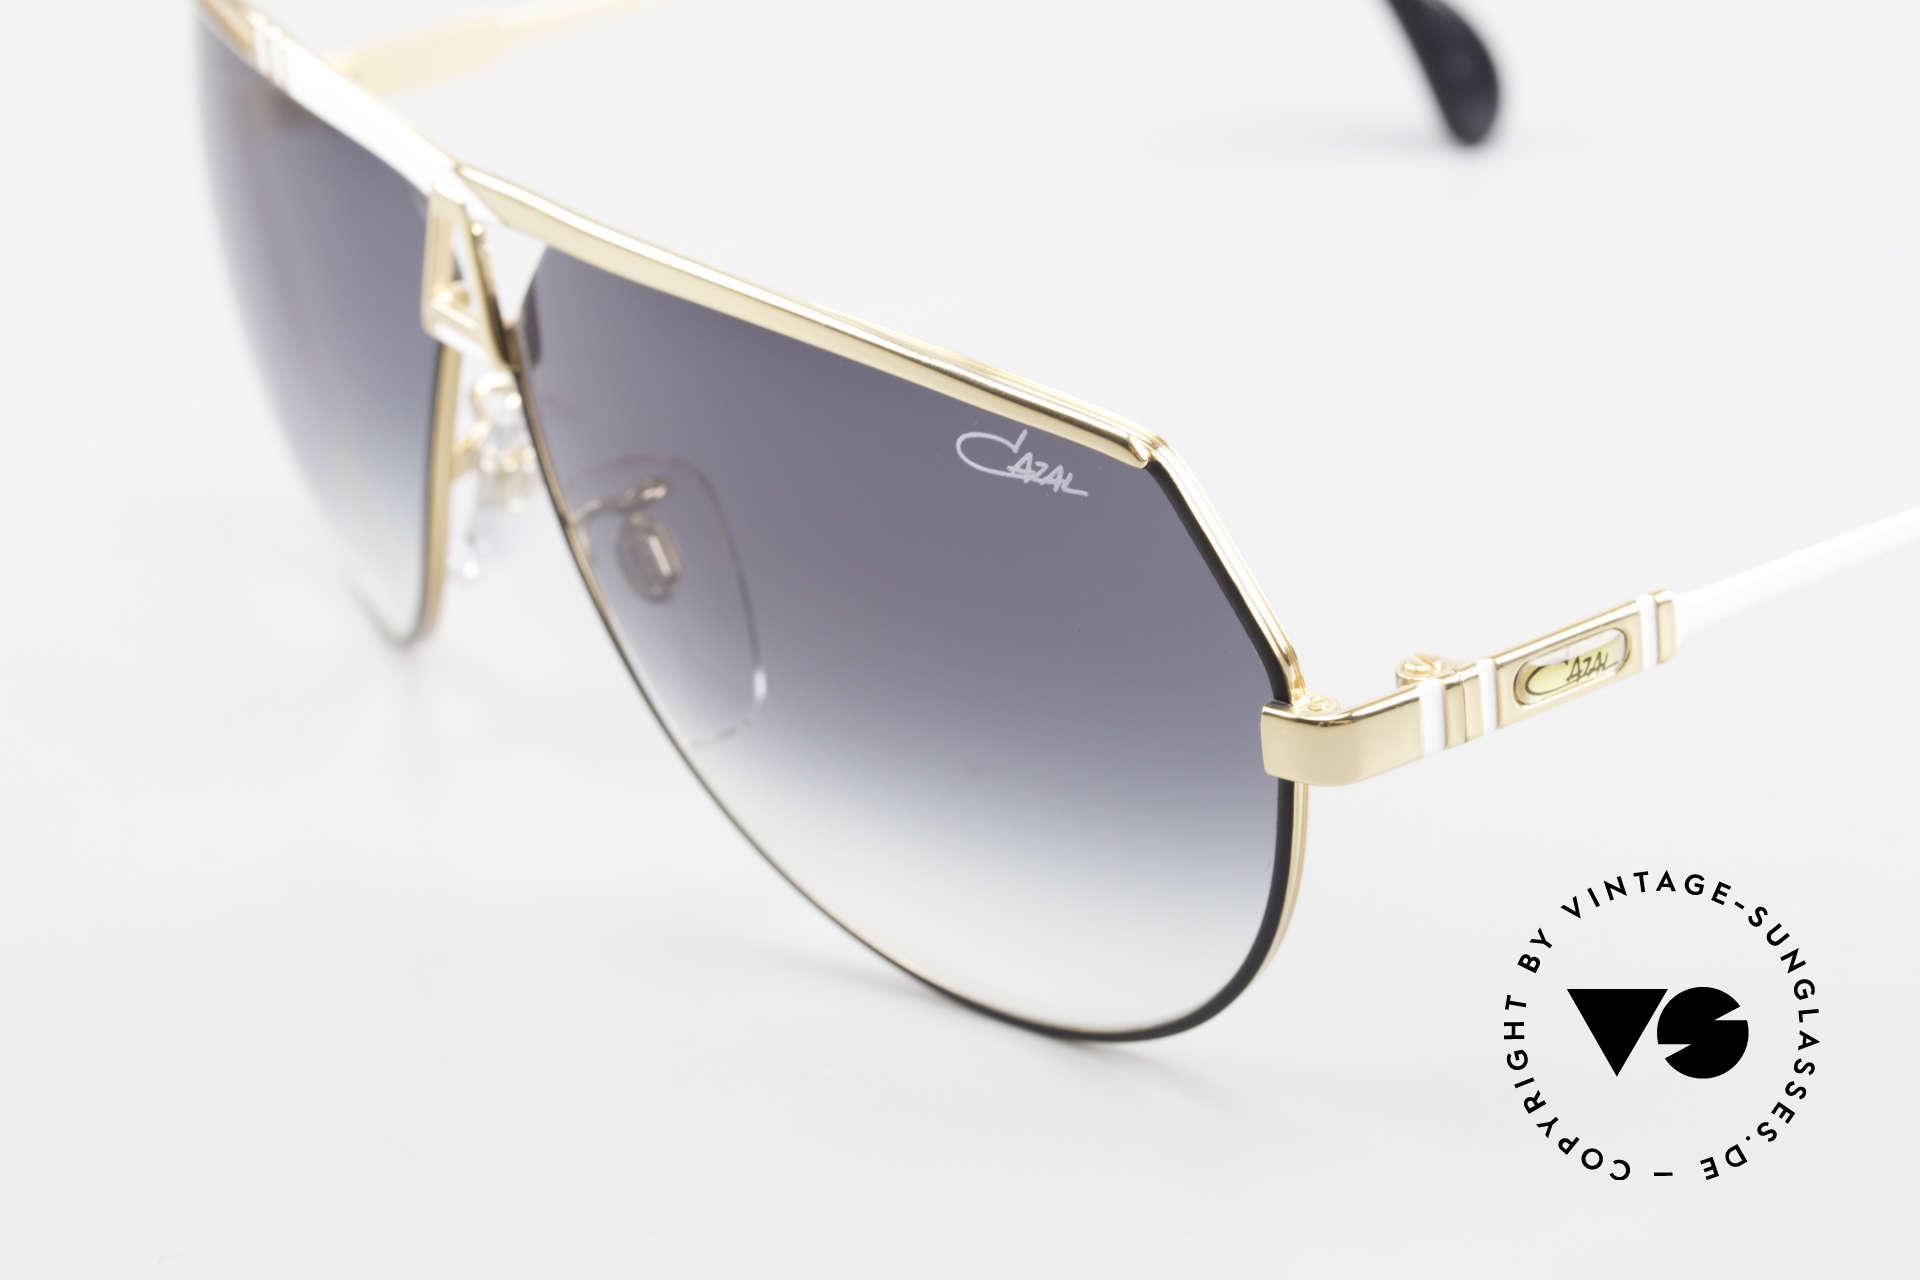 Cazal 954 Vintage Designer Sonnenbrille, ungetragen (wie alle unsere legendären Cazal Modelle), Passend für Herren und Damen